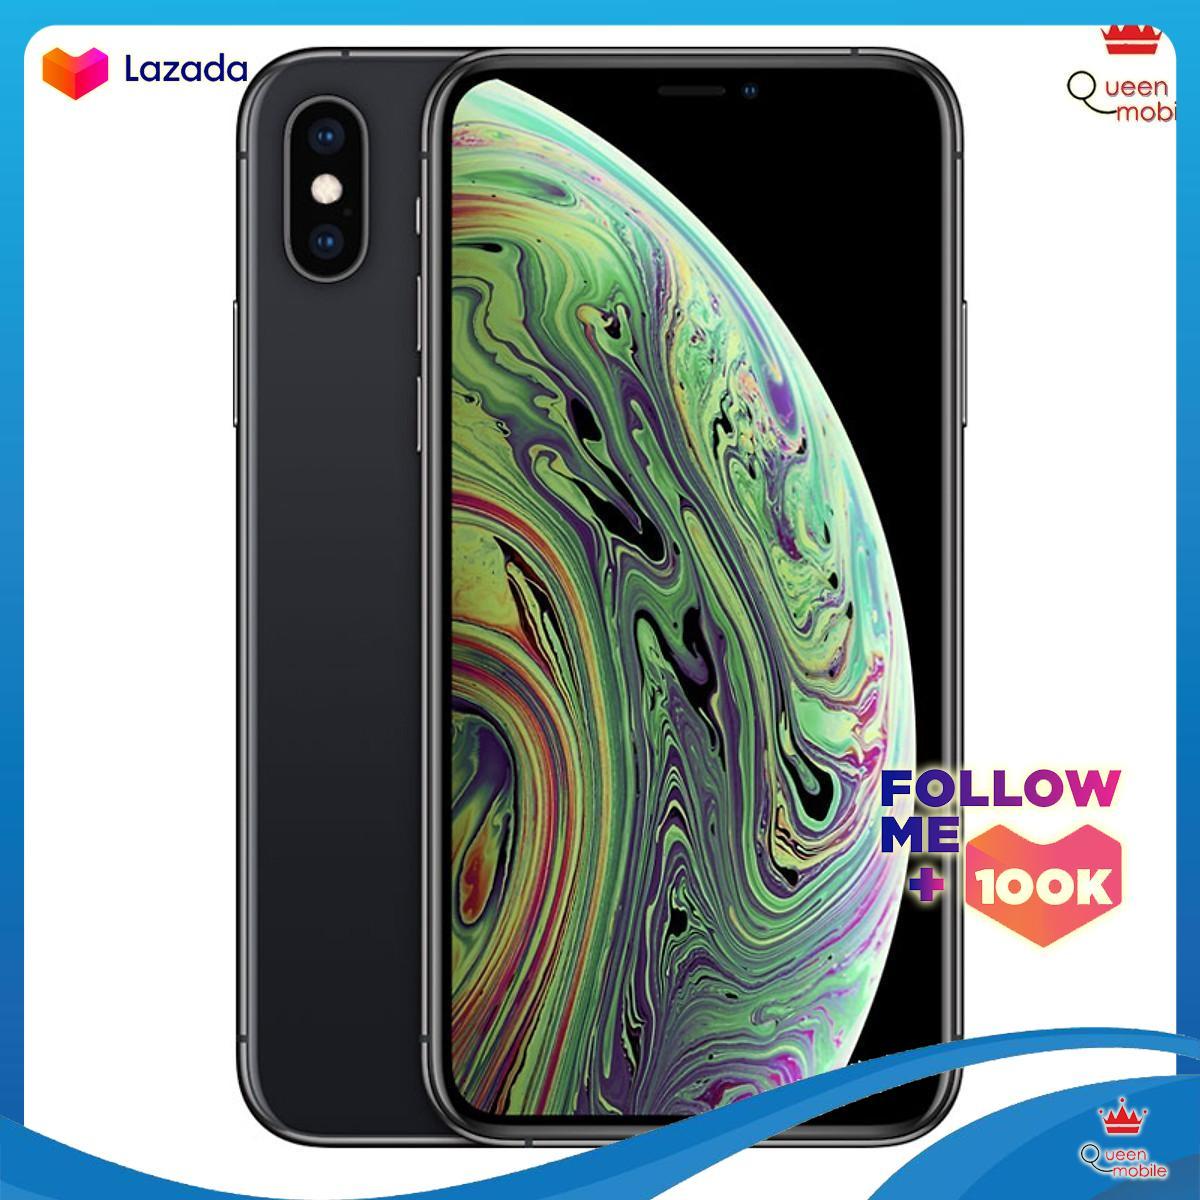 Điện Thoại iPhone XS Max 256GB - Hàng Nhập Khẩu - Space Gray